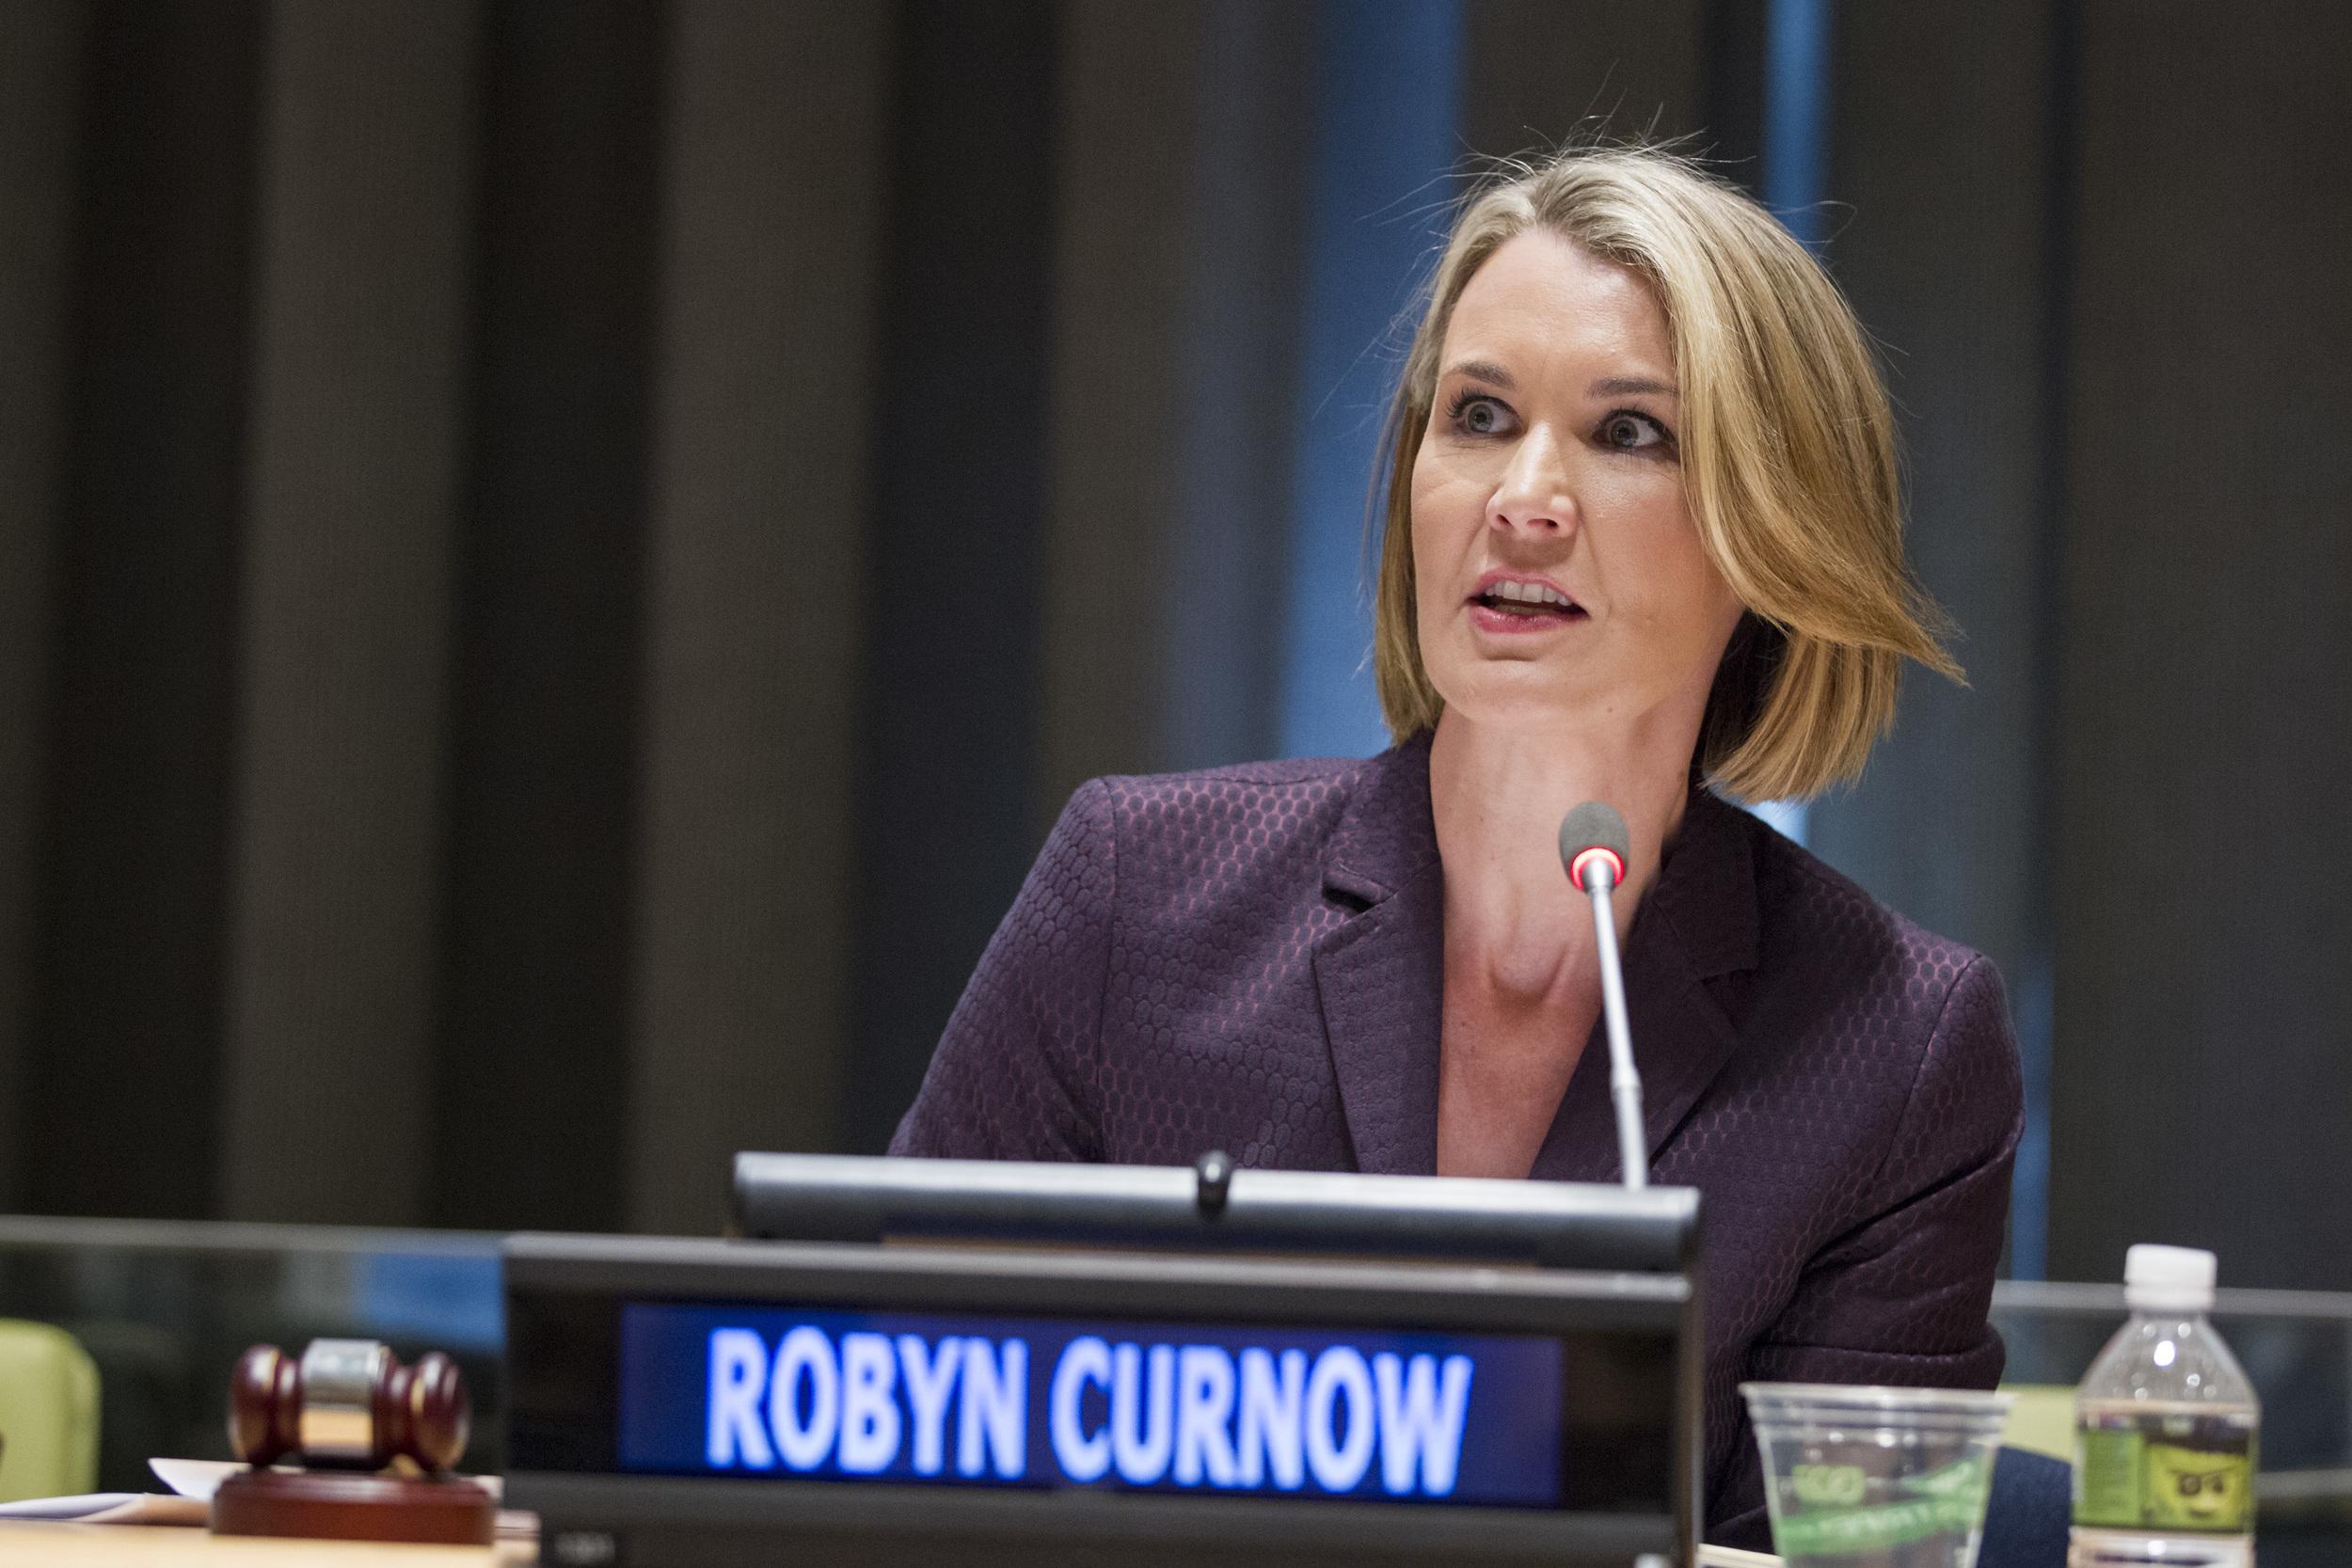 Robyn Curnow